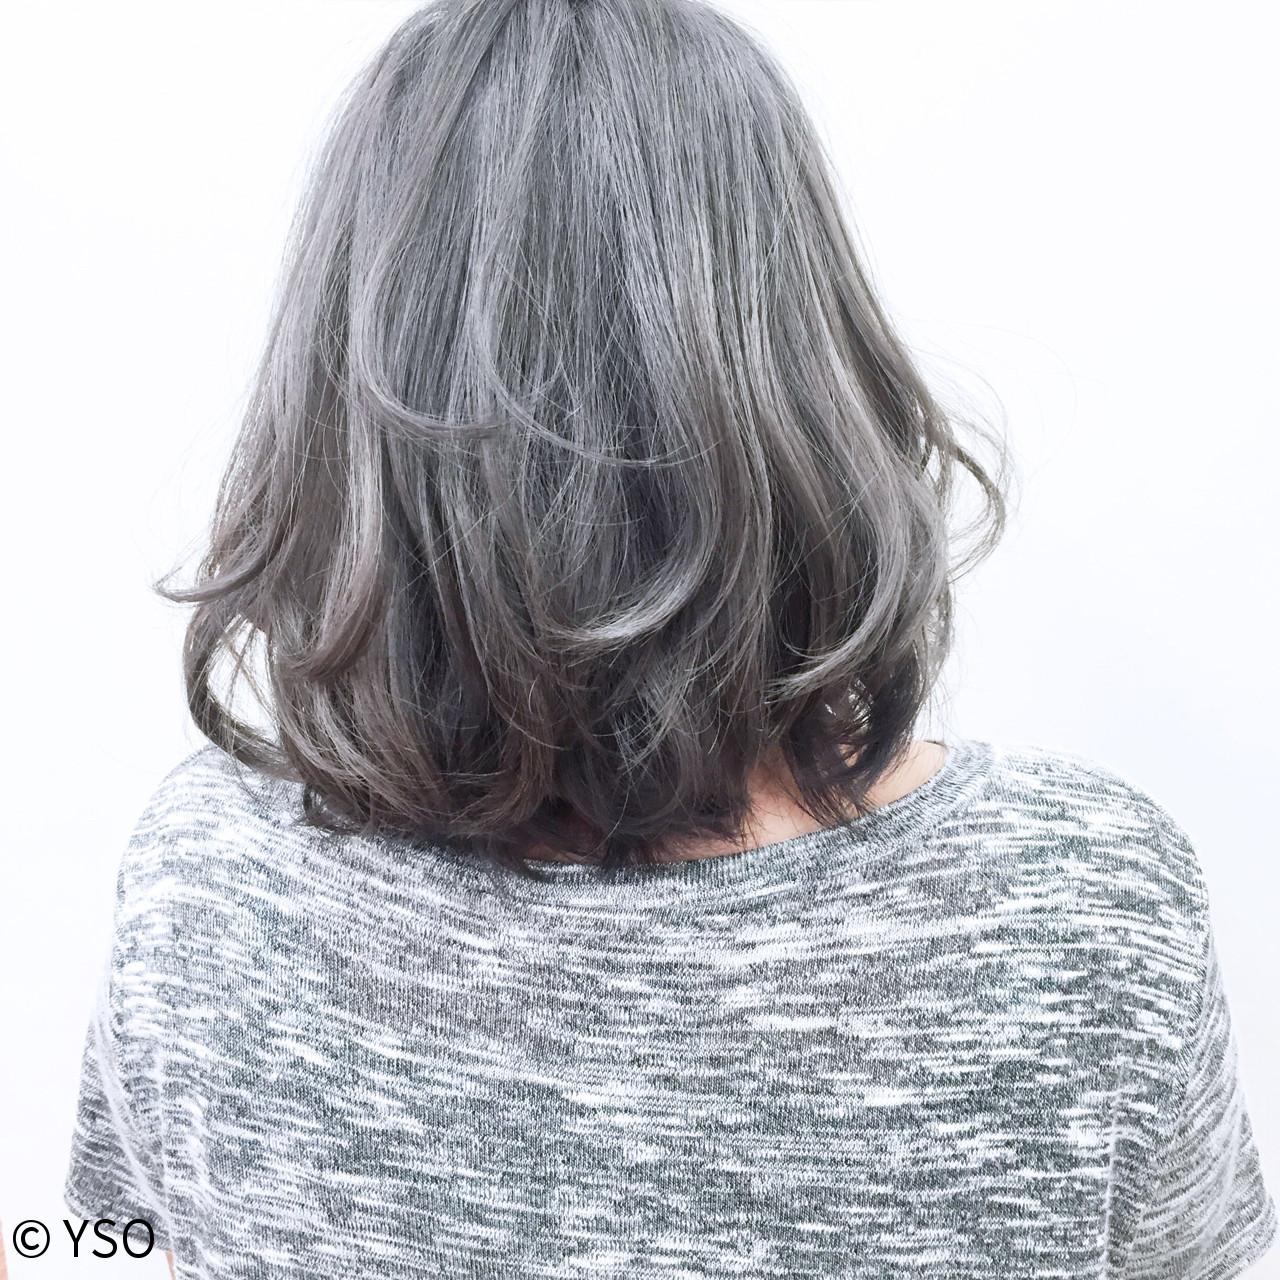 ハイライト ストリート グレー グラデーションカラー ヘアスタイルや髪型の写真・画像 | YSO / 電髪倶楽部street